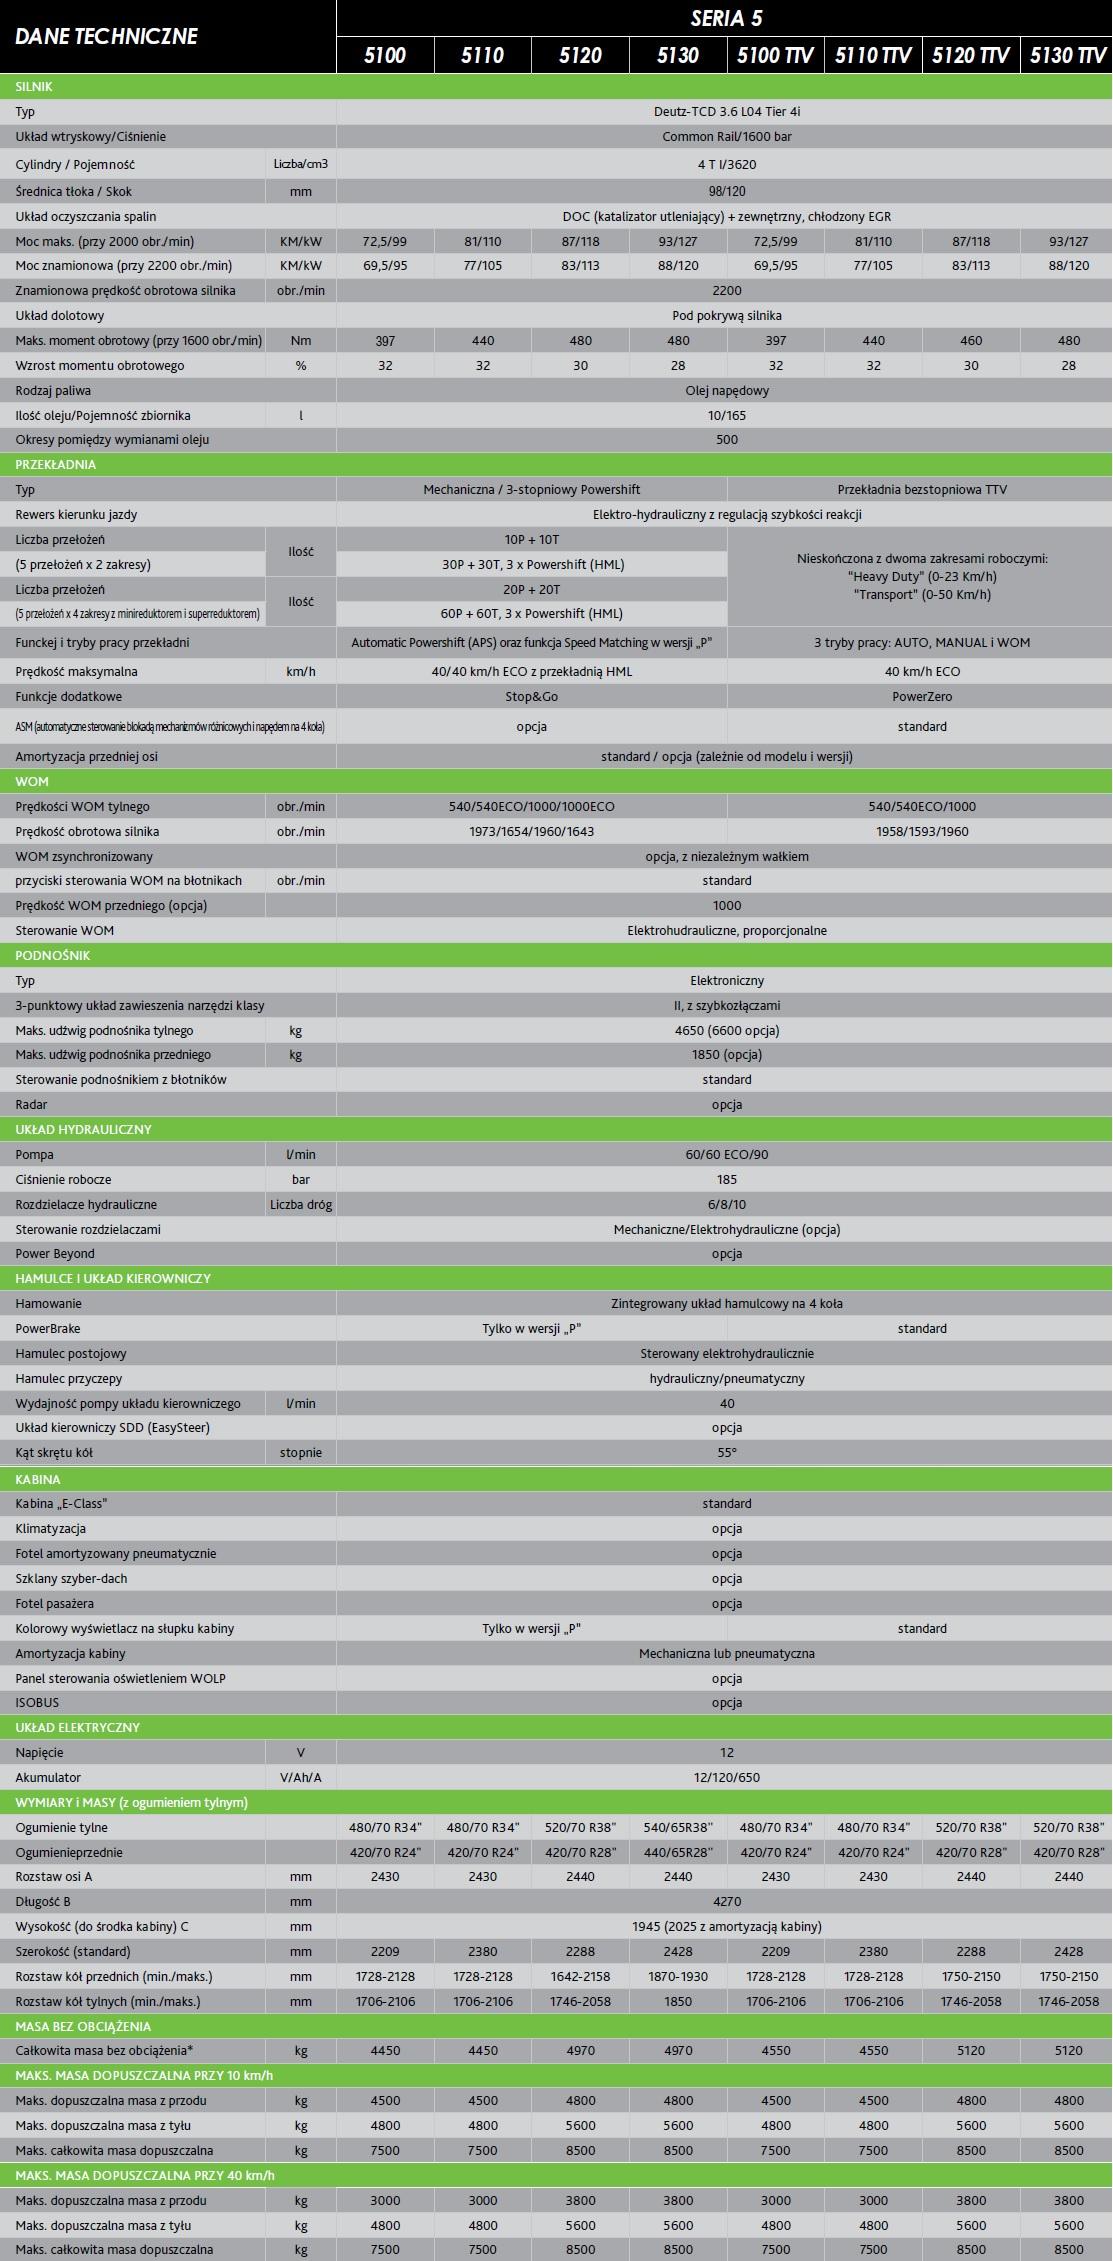 Seria 5 TTV slider specyfikacja 3